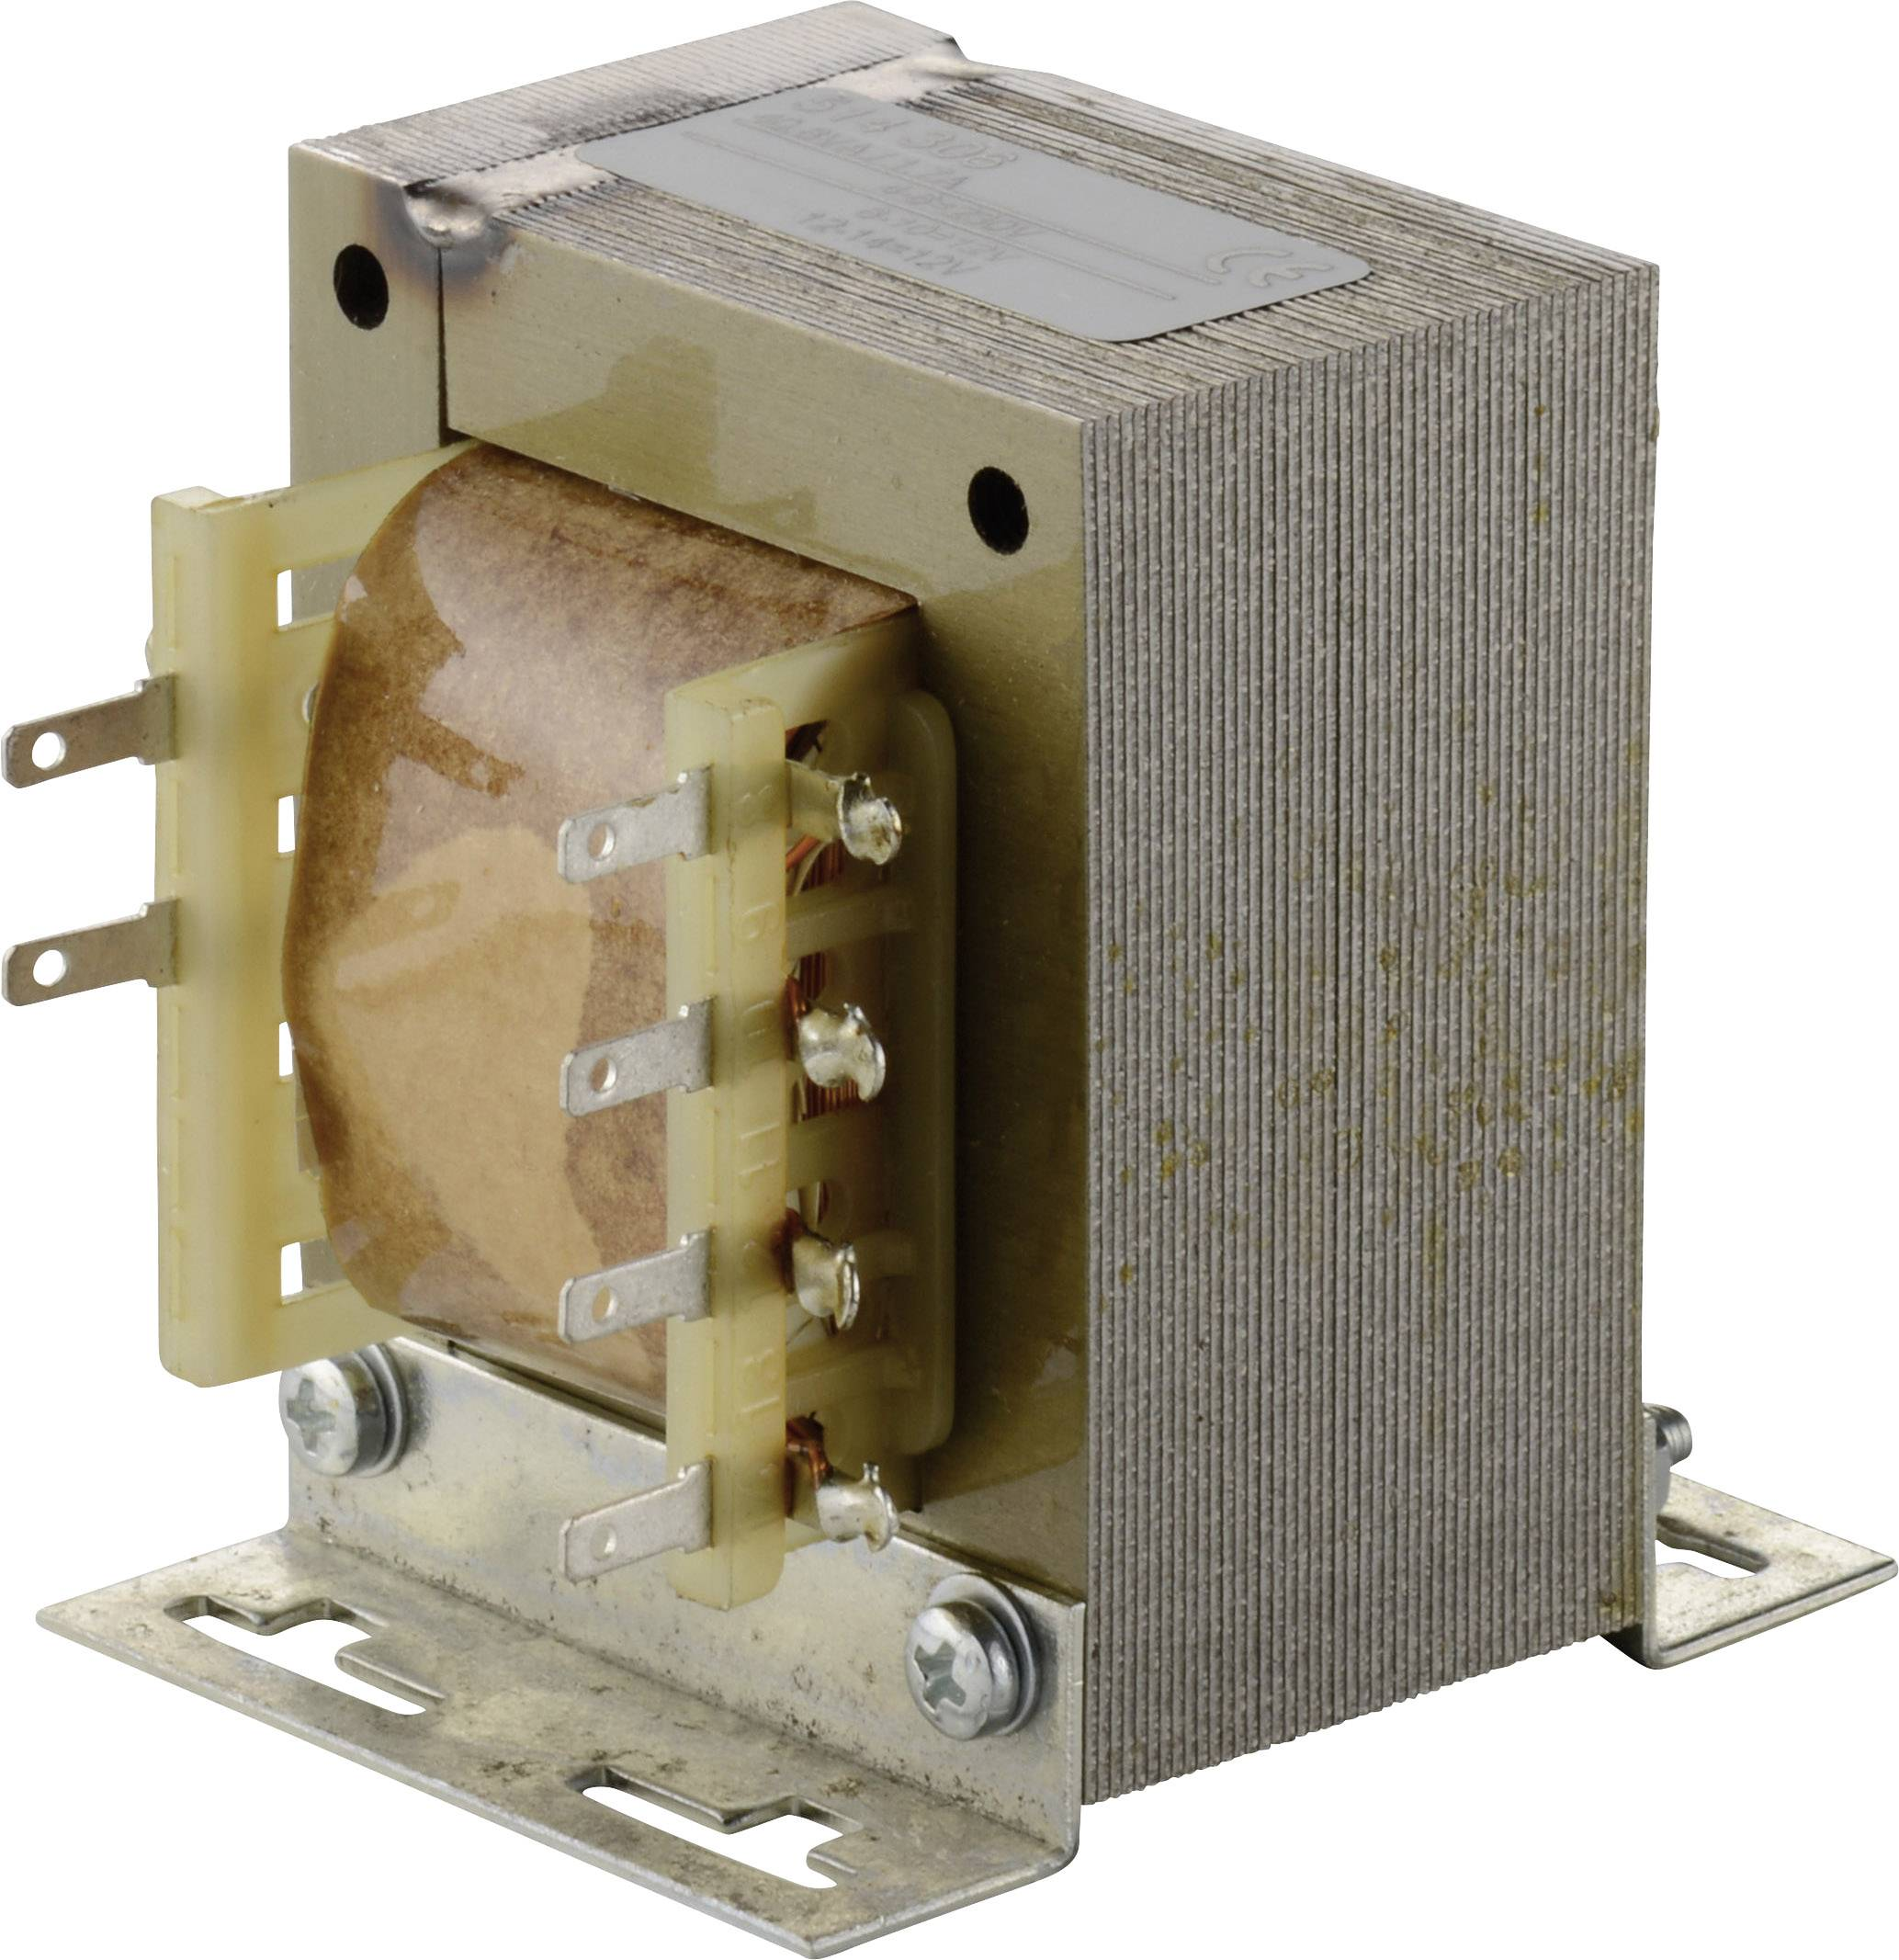 Univerzálny transformátor elma TT IZ 61, 40.8 VA